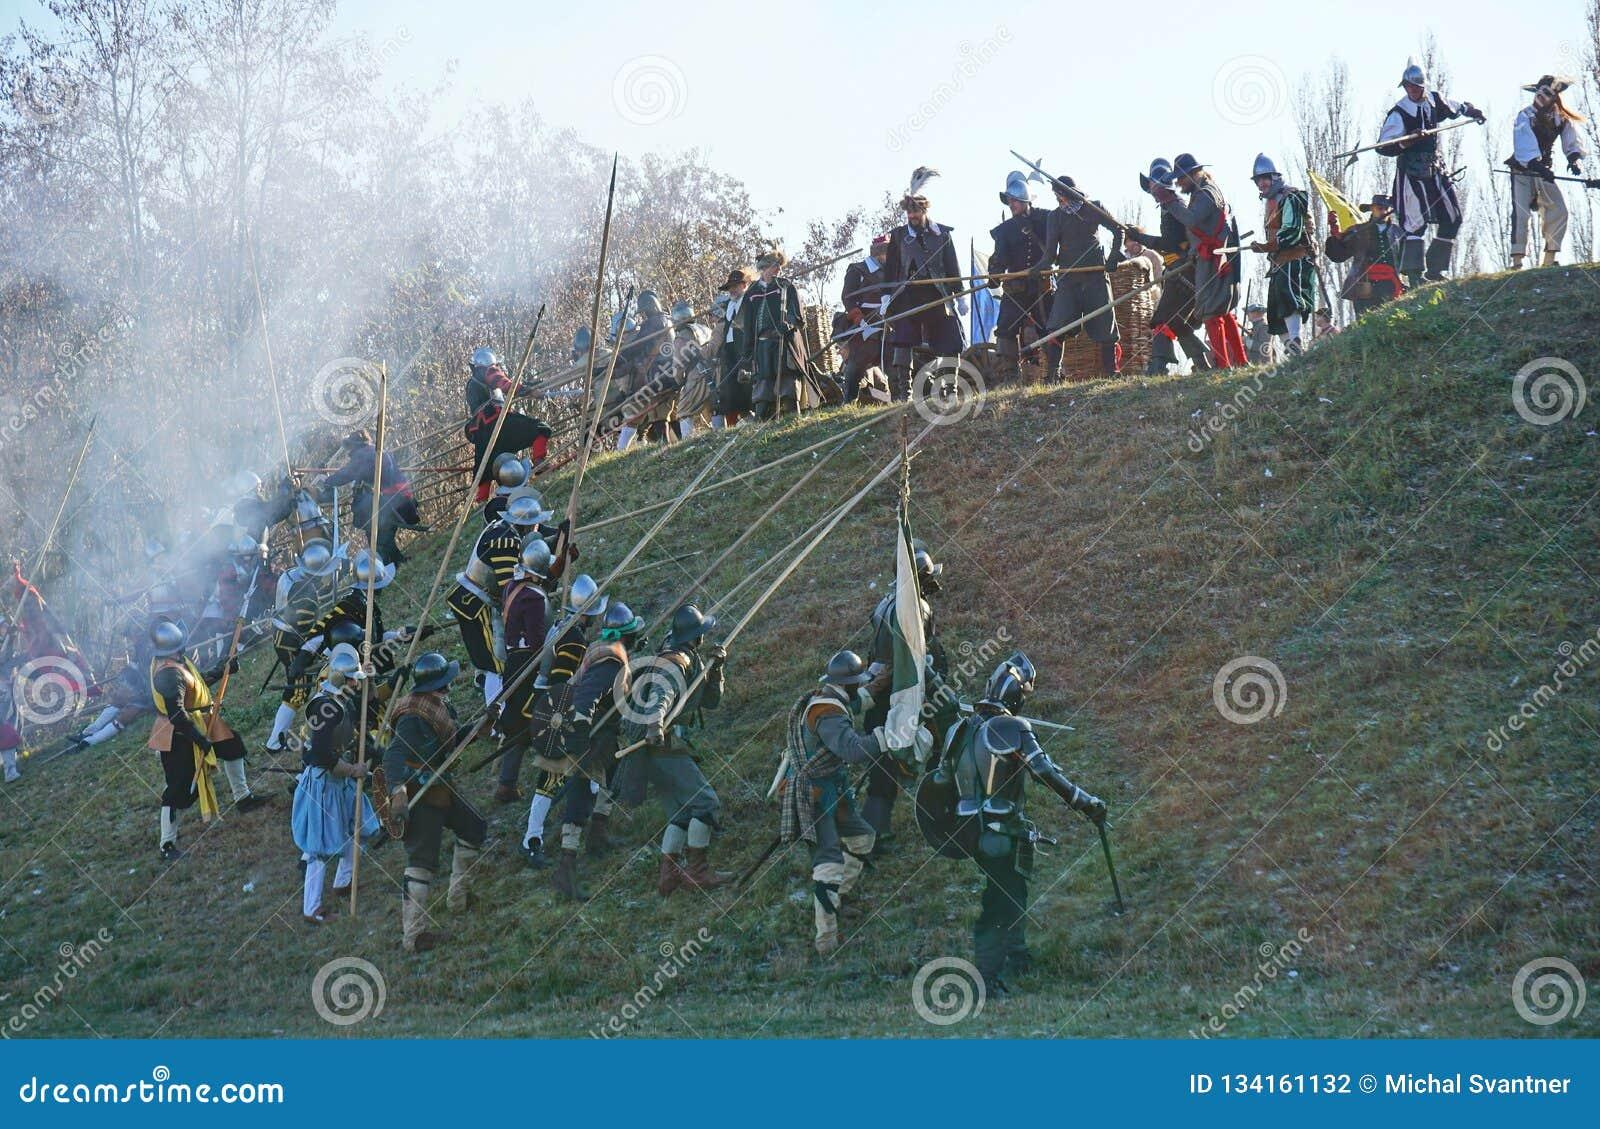 Historische Kampfrekonstruktion - Angreifer, die oben einen Hügel gegen Verteidiger laufen lassen